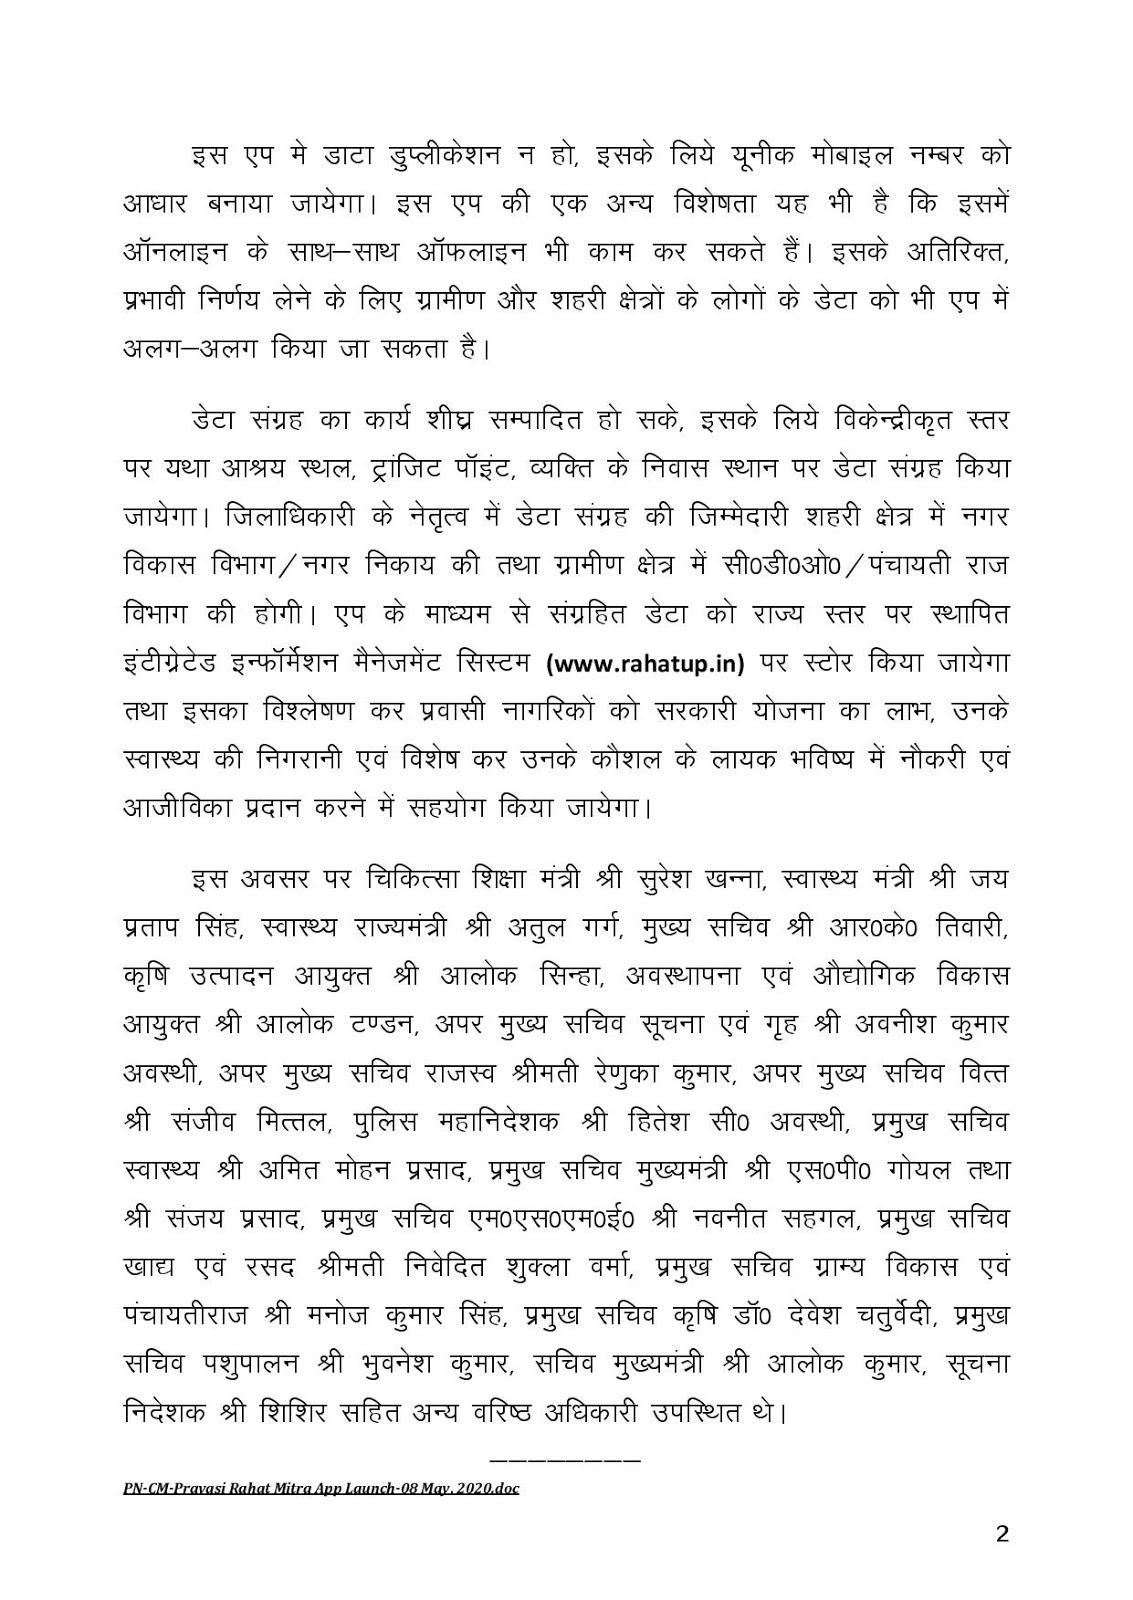 UP के CM ने 'प्रवासी राहत मित्र एप' का लोकार्पण किया -१